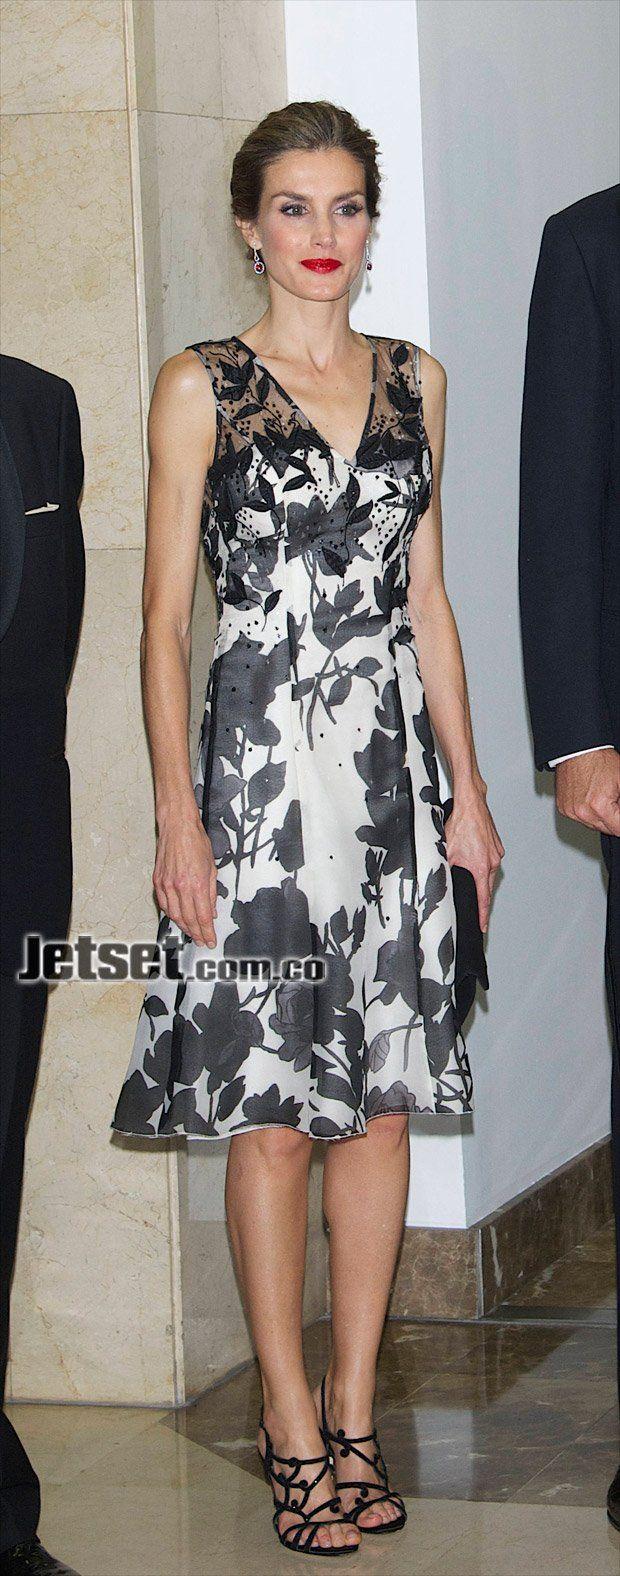 A la entrega de los premios Luca de Tena, se presentó con este vestido de seda estampada con motivos florales en blanco y negro, escote en V y detalle de transparencias con apliques, de Carolina Herrera. US$ 2.240